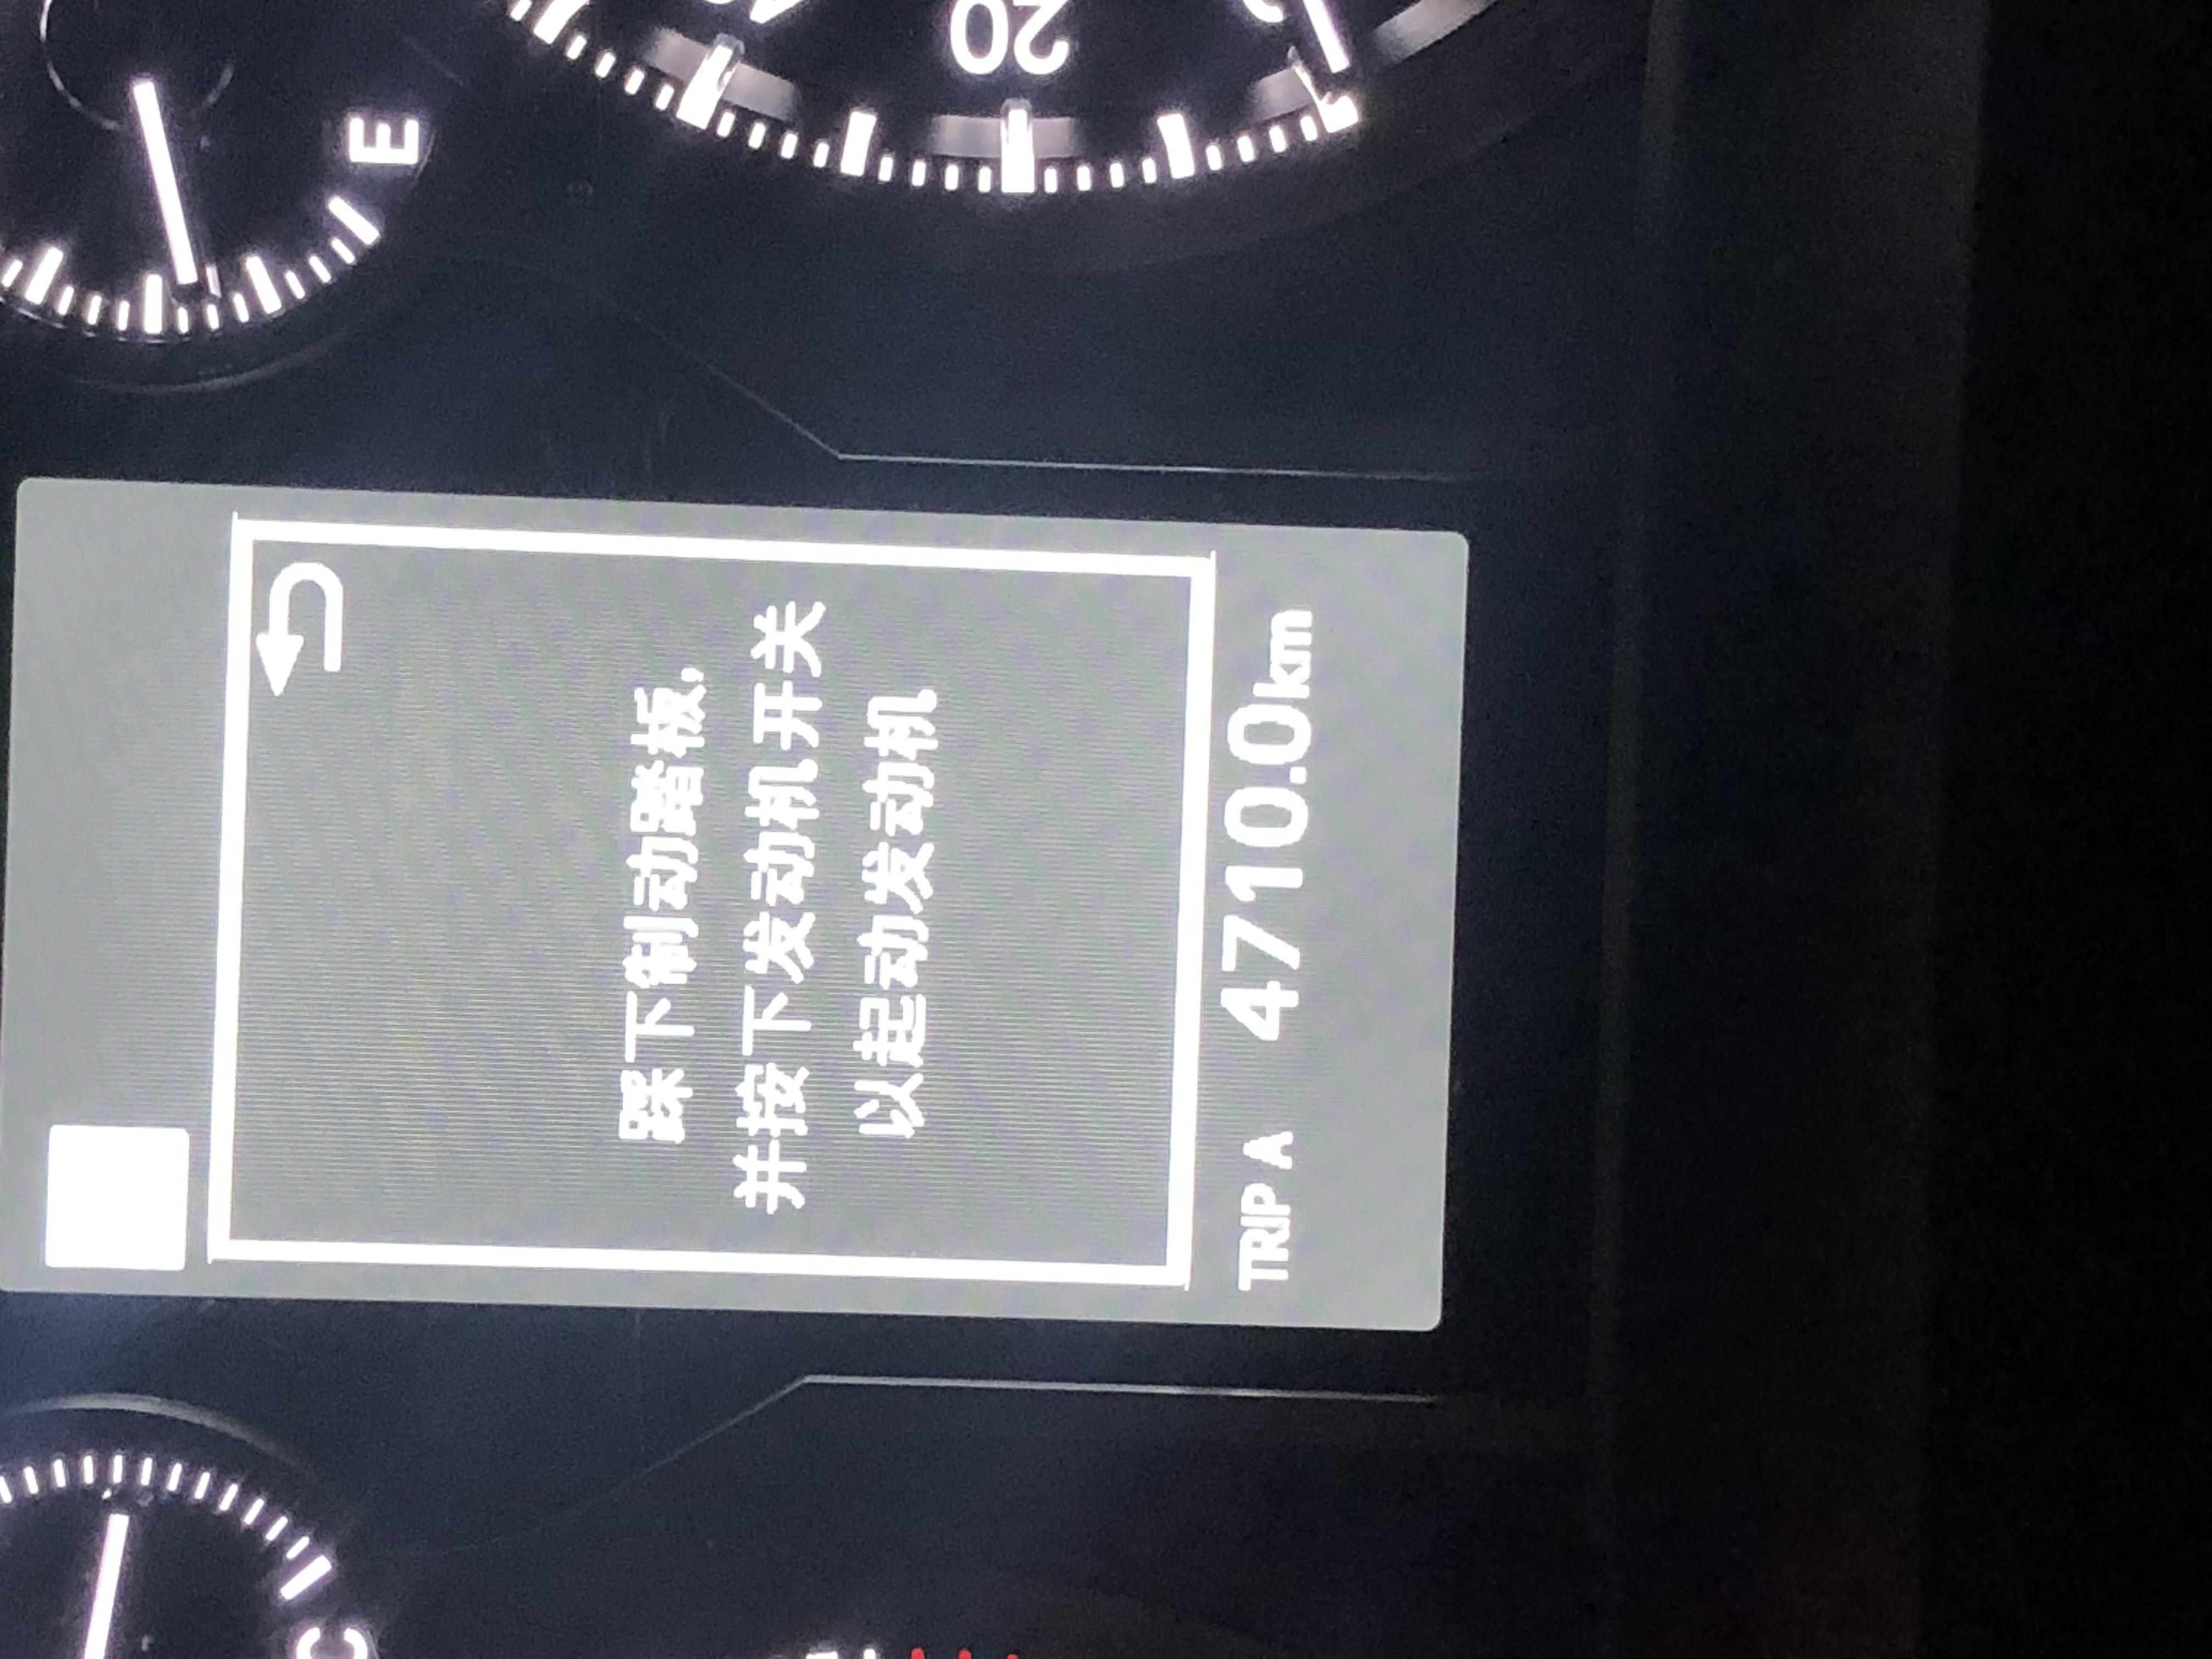 丰田-普拉多普拉多新车问题不断 ,真让人头疼 担忧